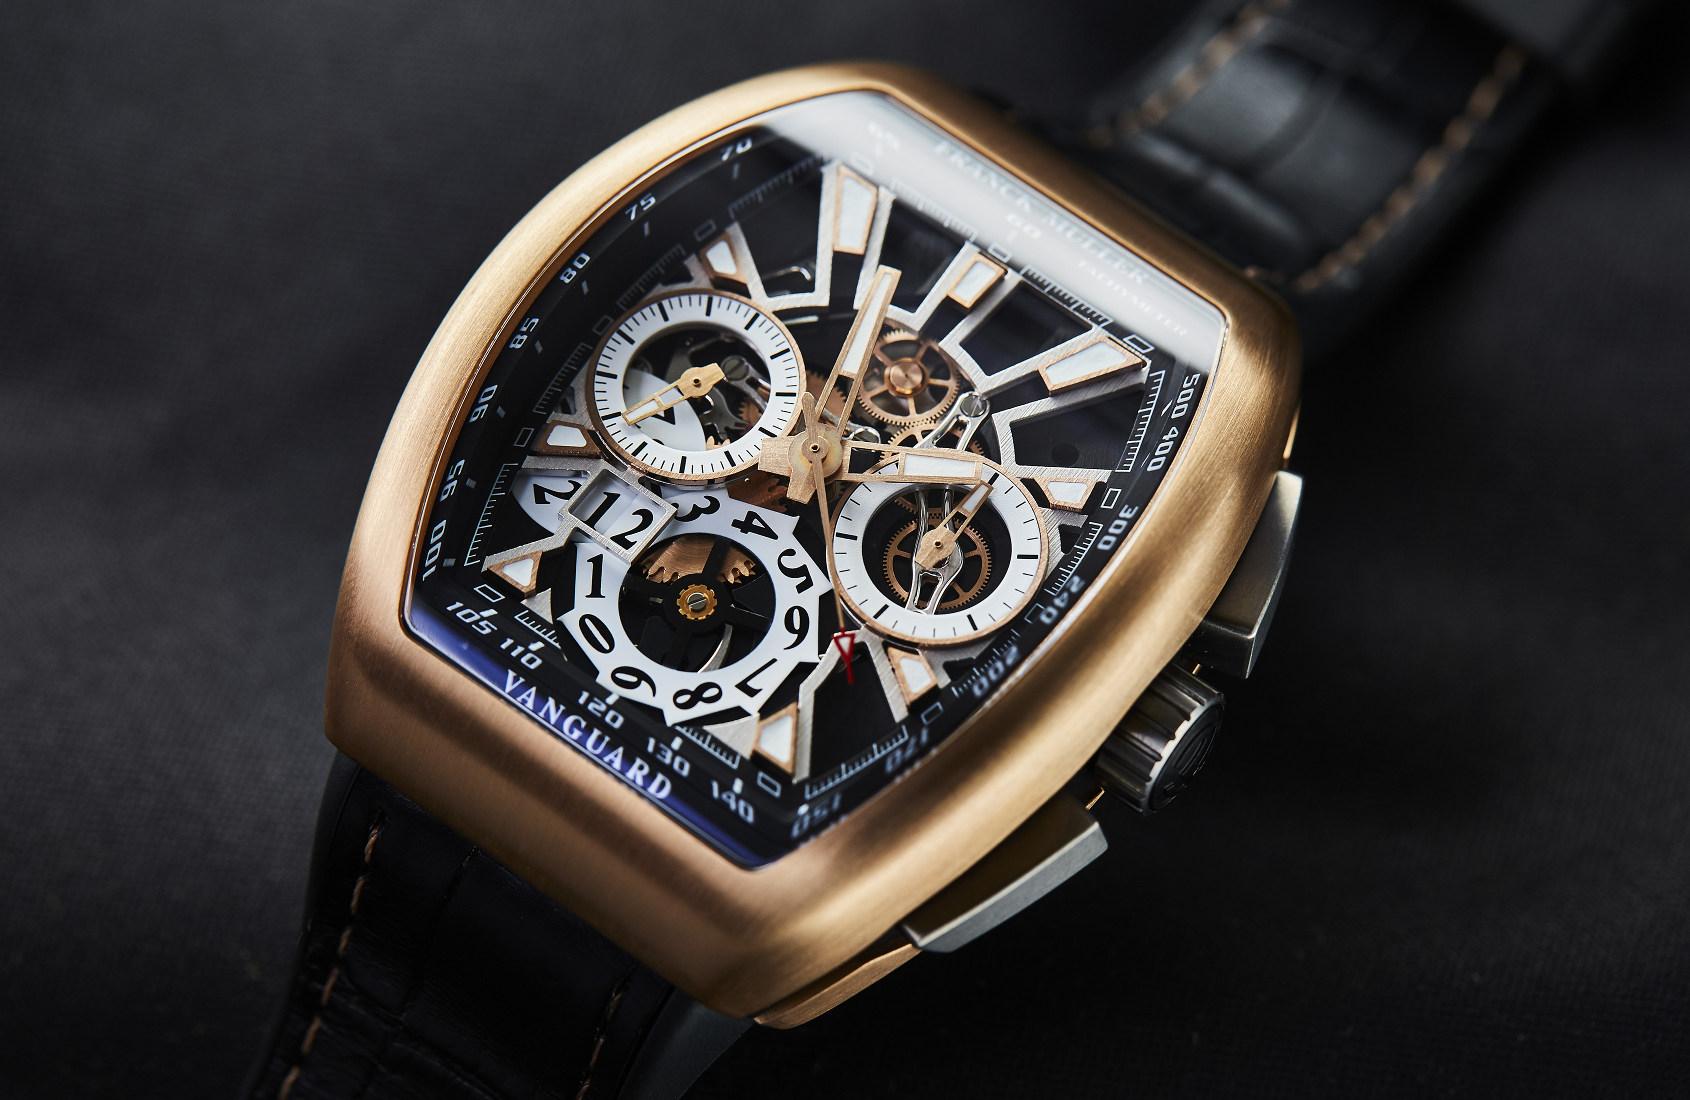 INTRODUCING: The Franck Muller Vanguard Grande Date